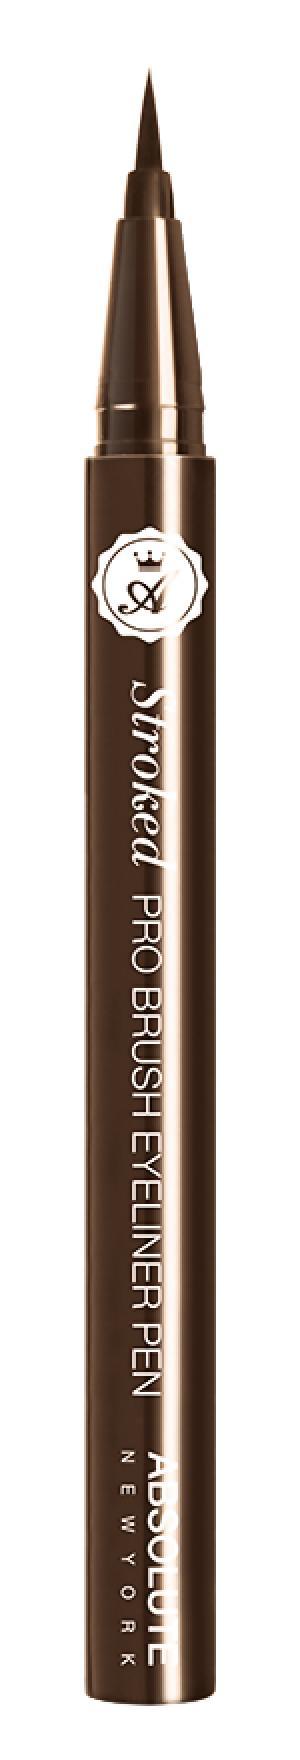 Подводка Absolute New York 02 Dark Brown. Цвет: 02 dark brown